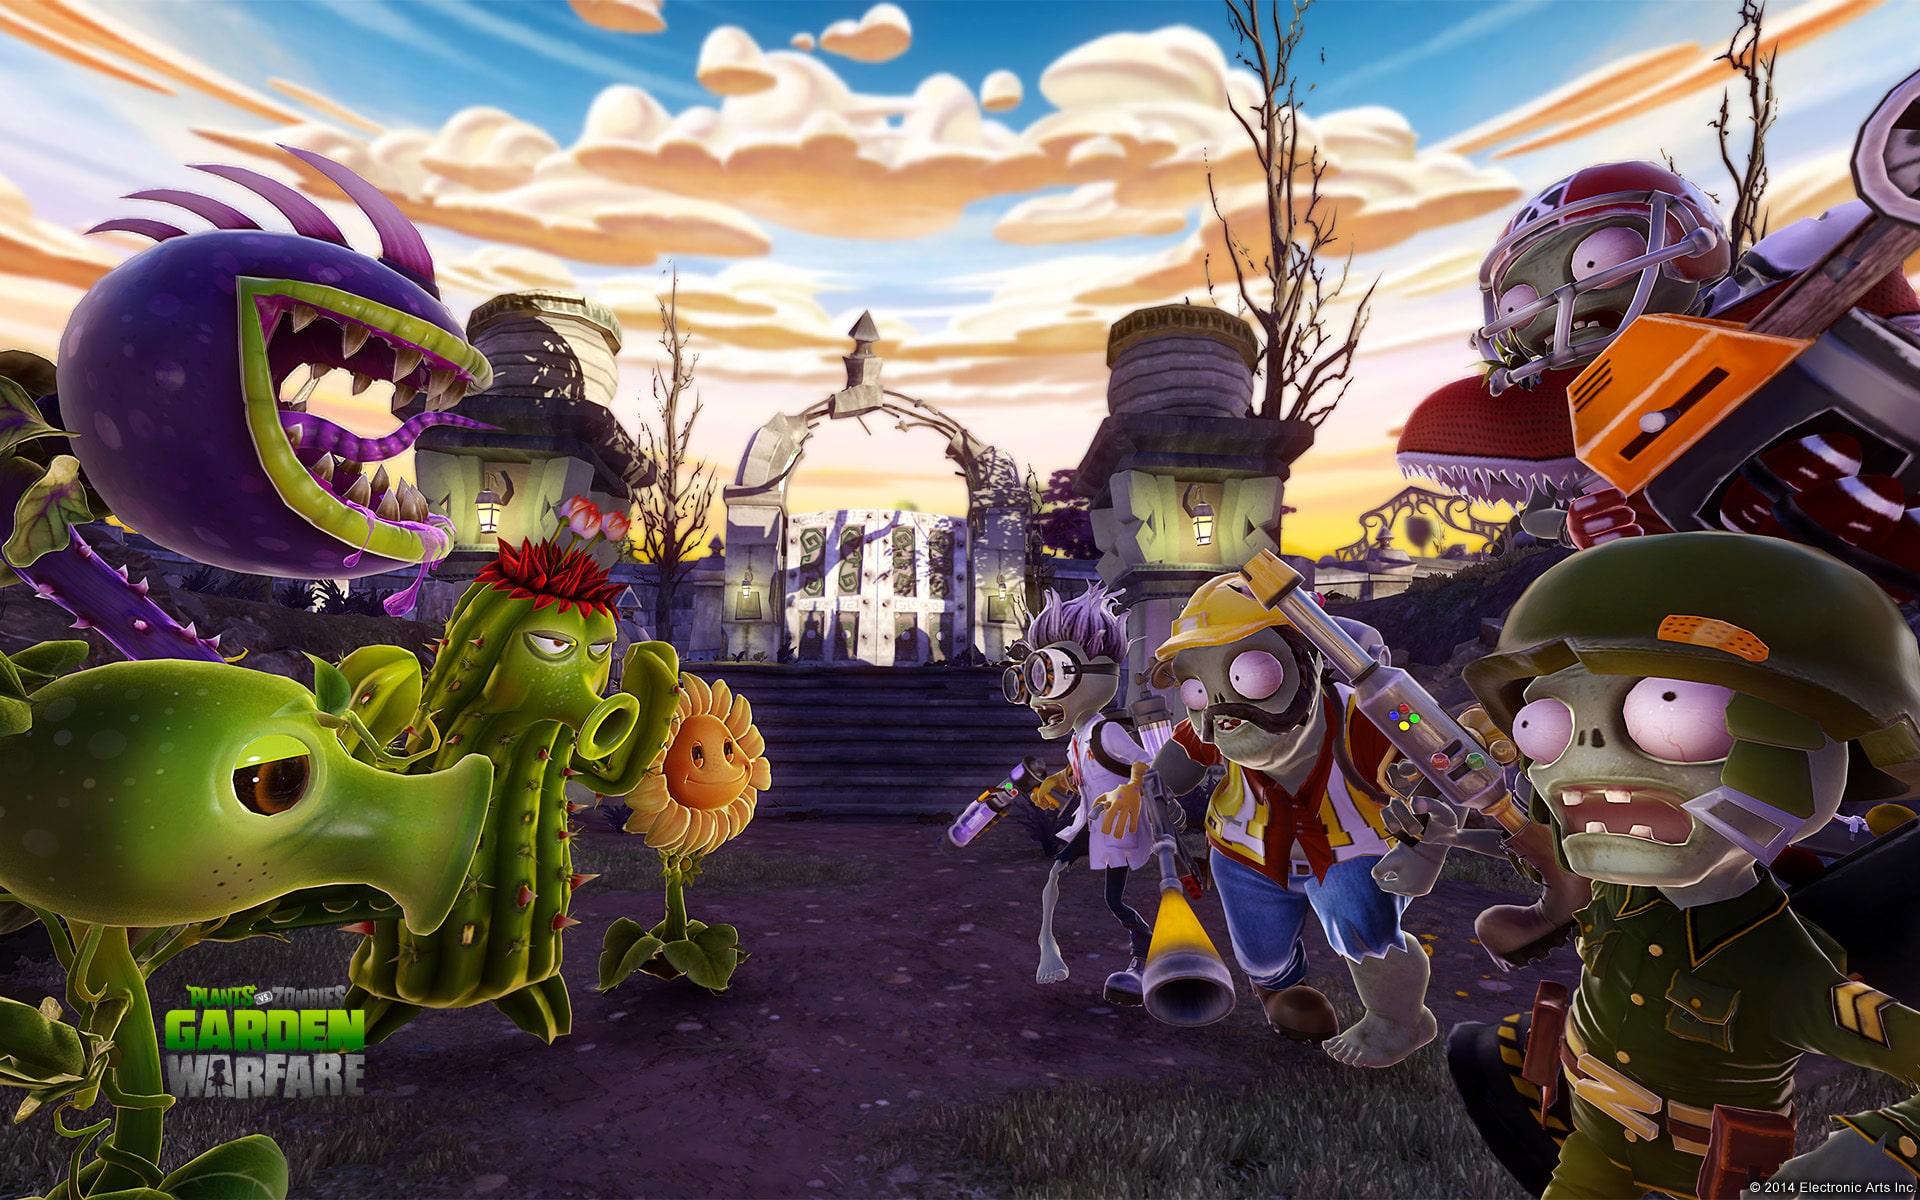 Plants vs. Zombies: Garden Warfare 2 Full hd wallpapers